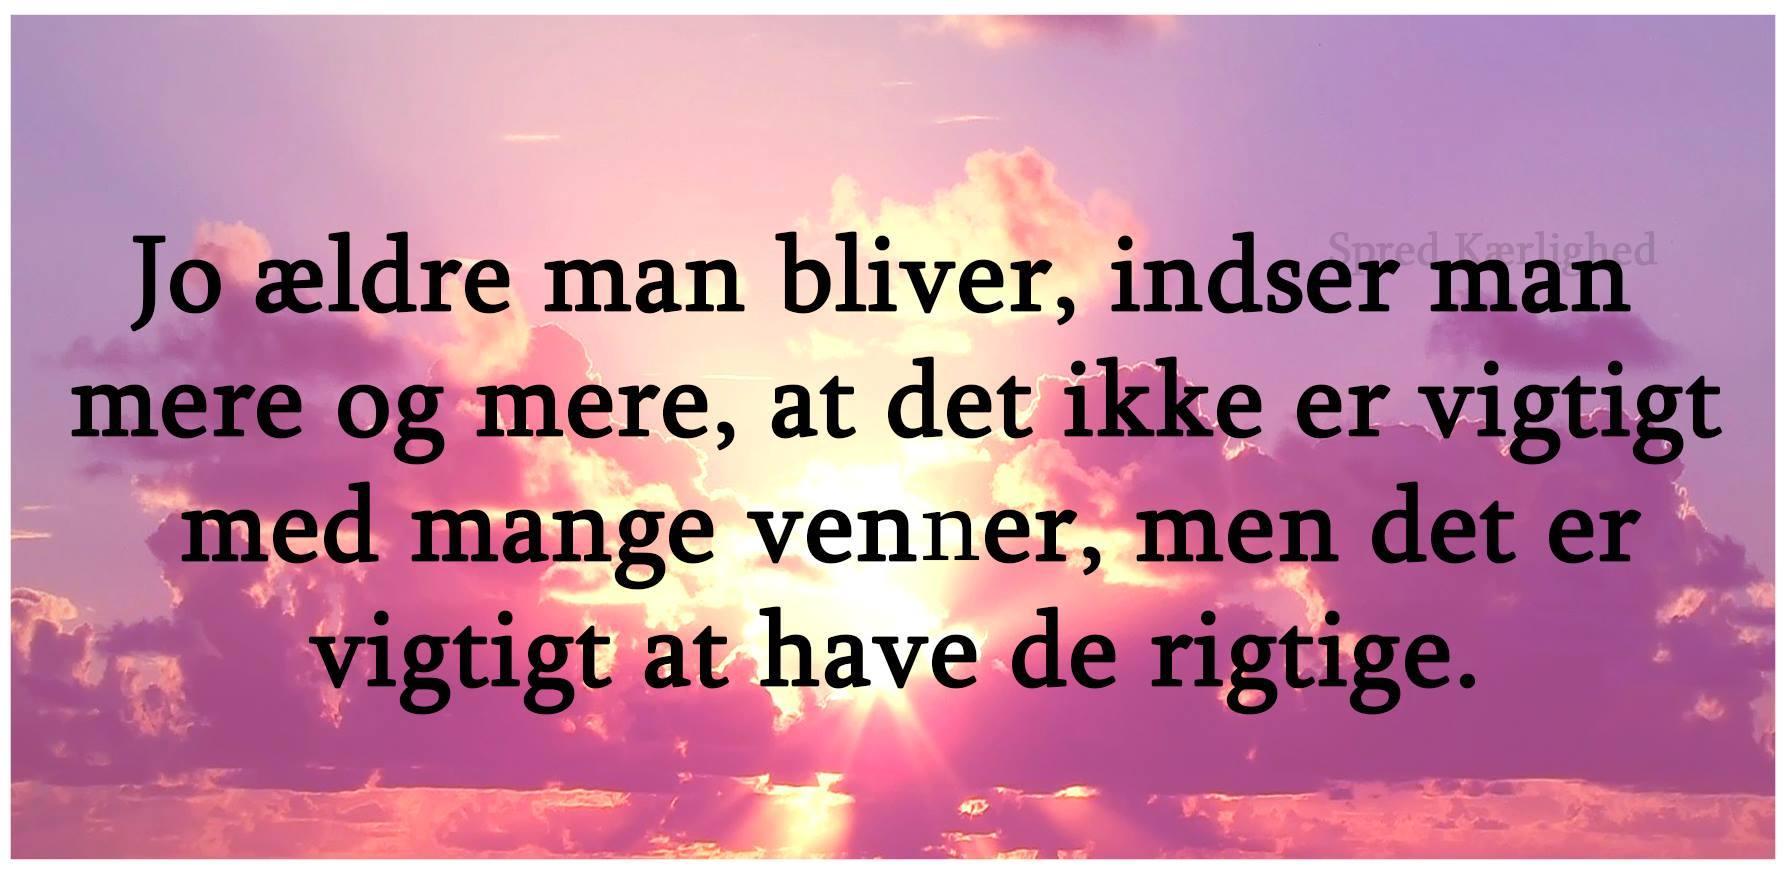 citater om venskab dansk Citater om venskab Archives   DAGENSDELER.DK citater om venskab dansk